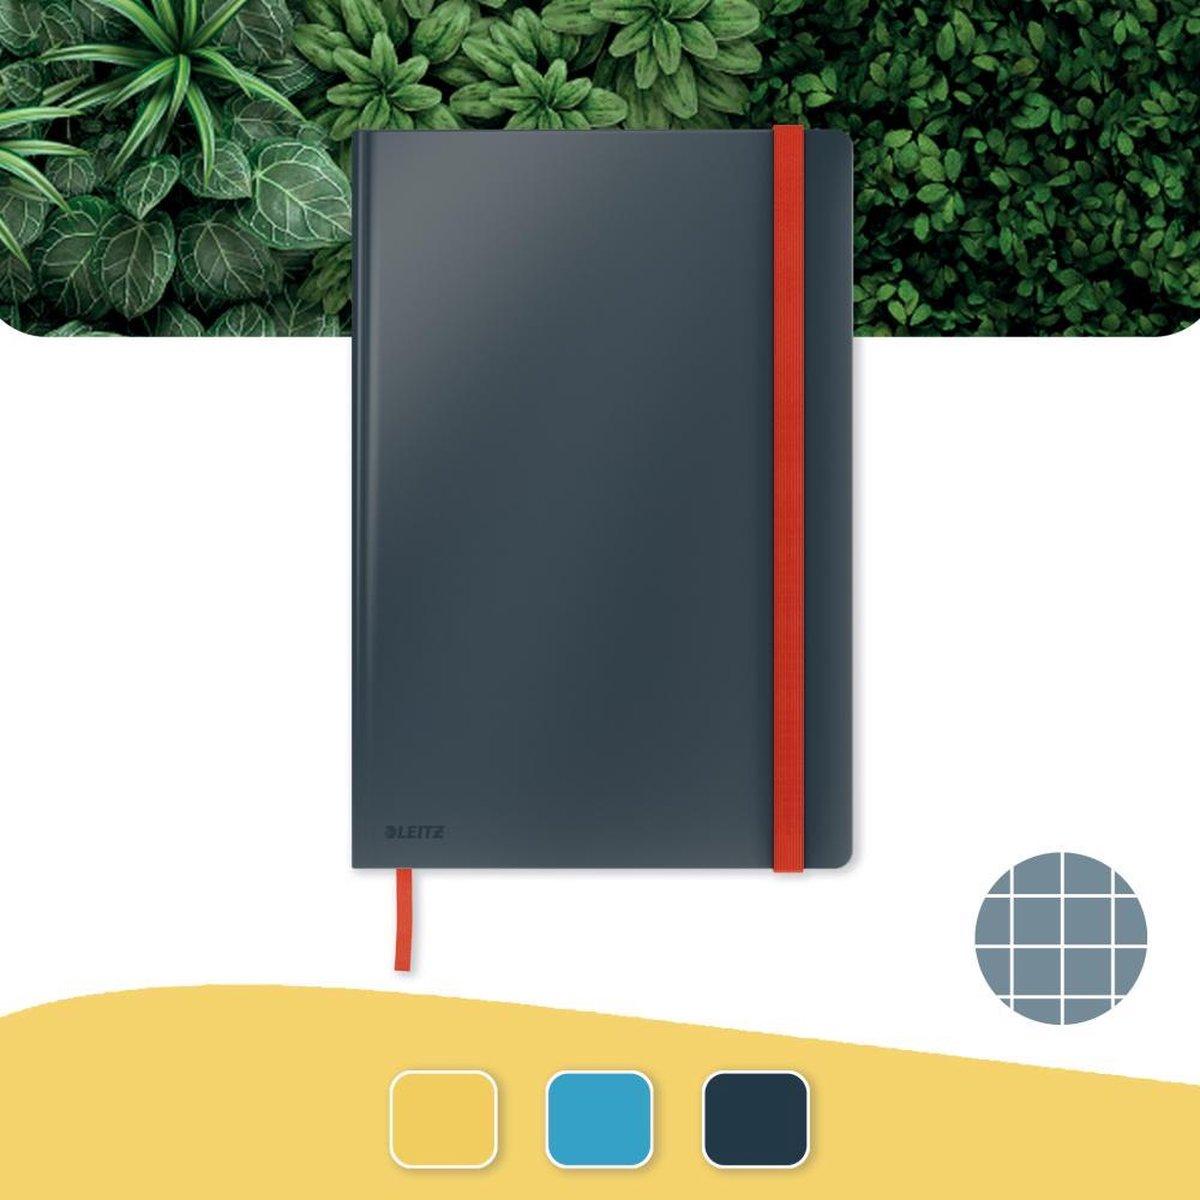 Leitz Cosy Notitieboek B5 Soft Touch Geruit - Notitieboek Hard Cover - Groot Formaat - Voor Kantoor En Thuiswerken - Fluweel Grijs - Ideaal Voor Thuiskantoor